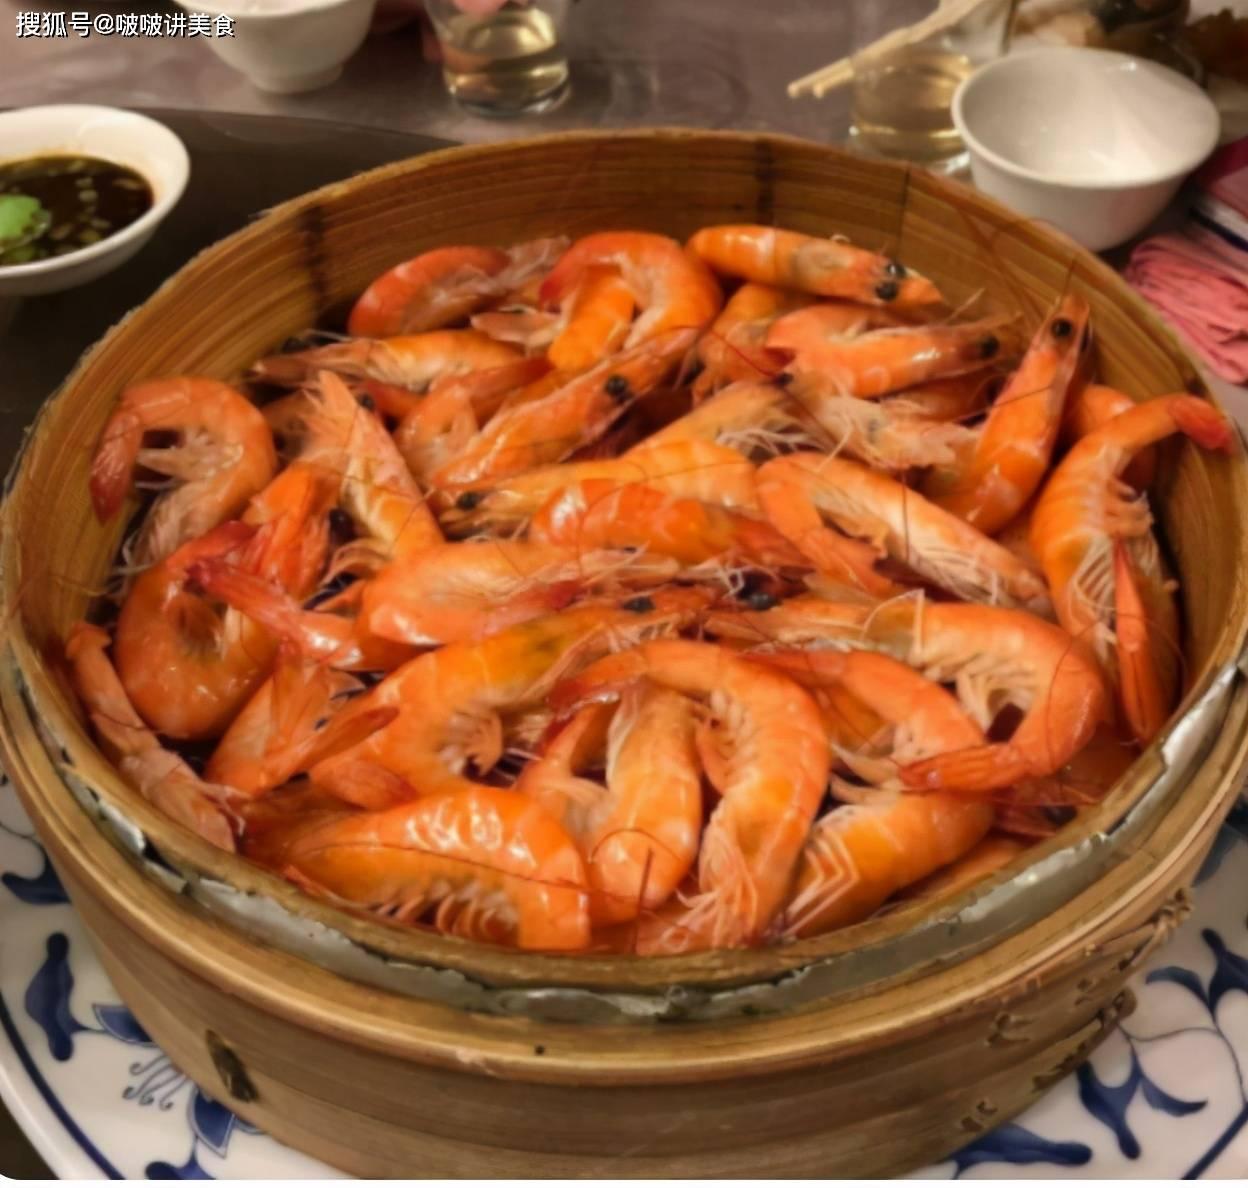 蝦怎麼做才能更鮮更嫩還沒腥味?海邊人有「小妙招」,先收藏了!